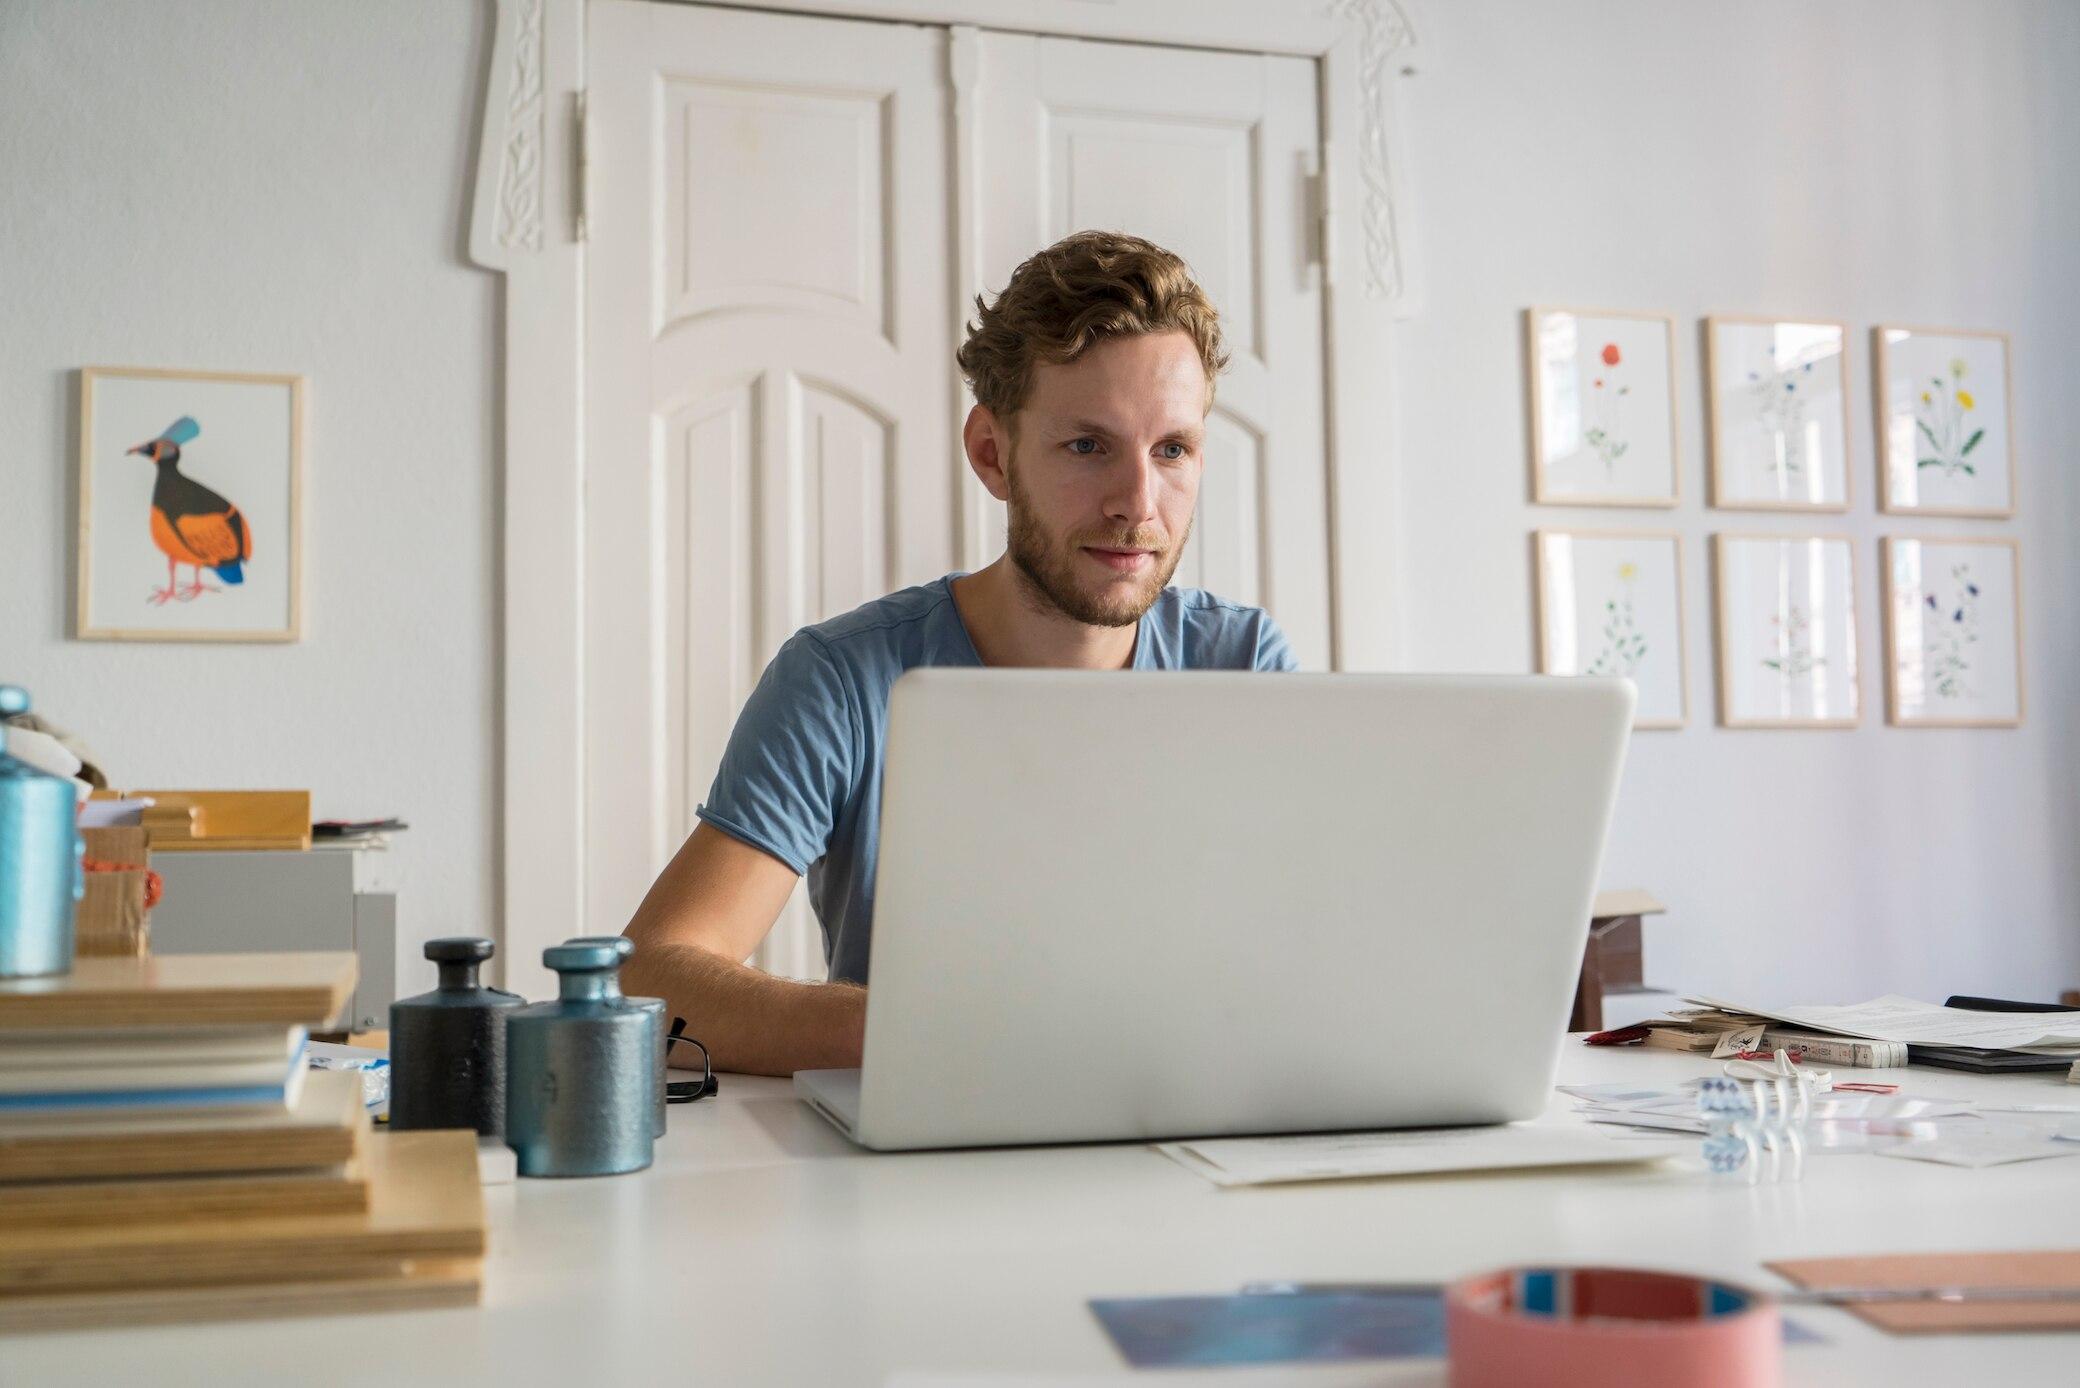 Online-Rechner: Wann bekomme ich meine Corona-Impfung?